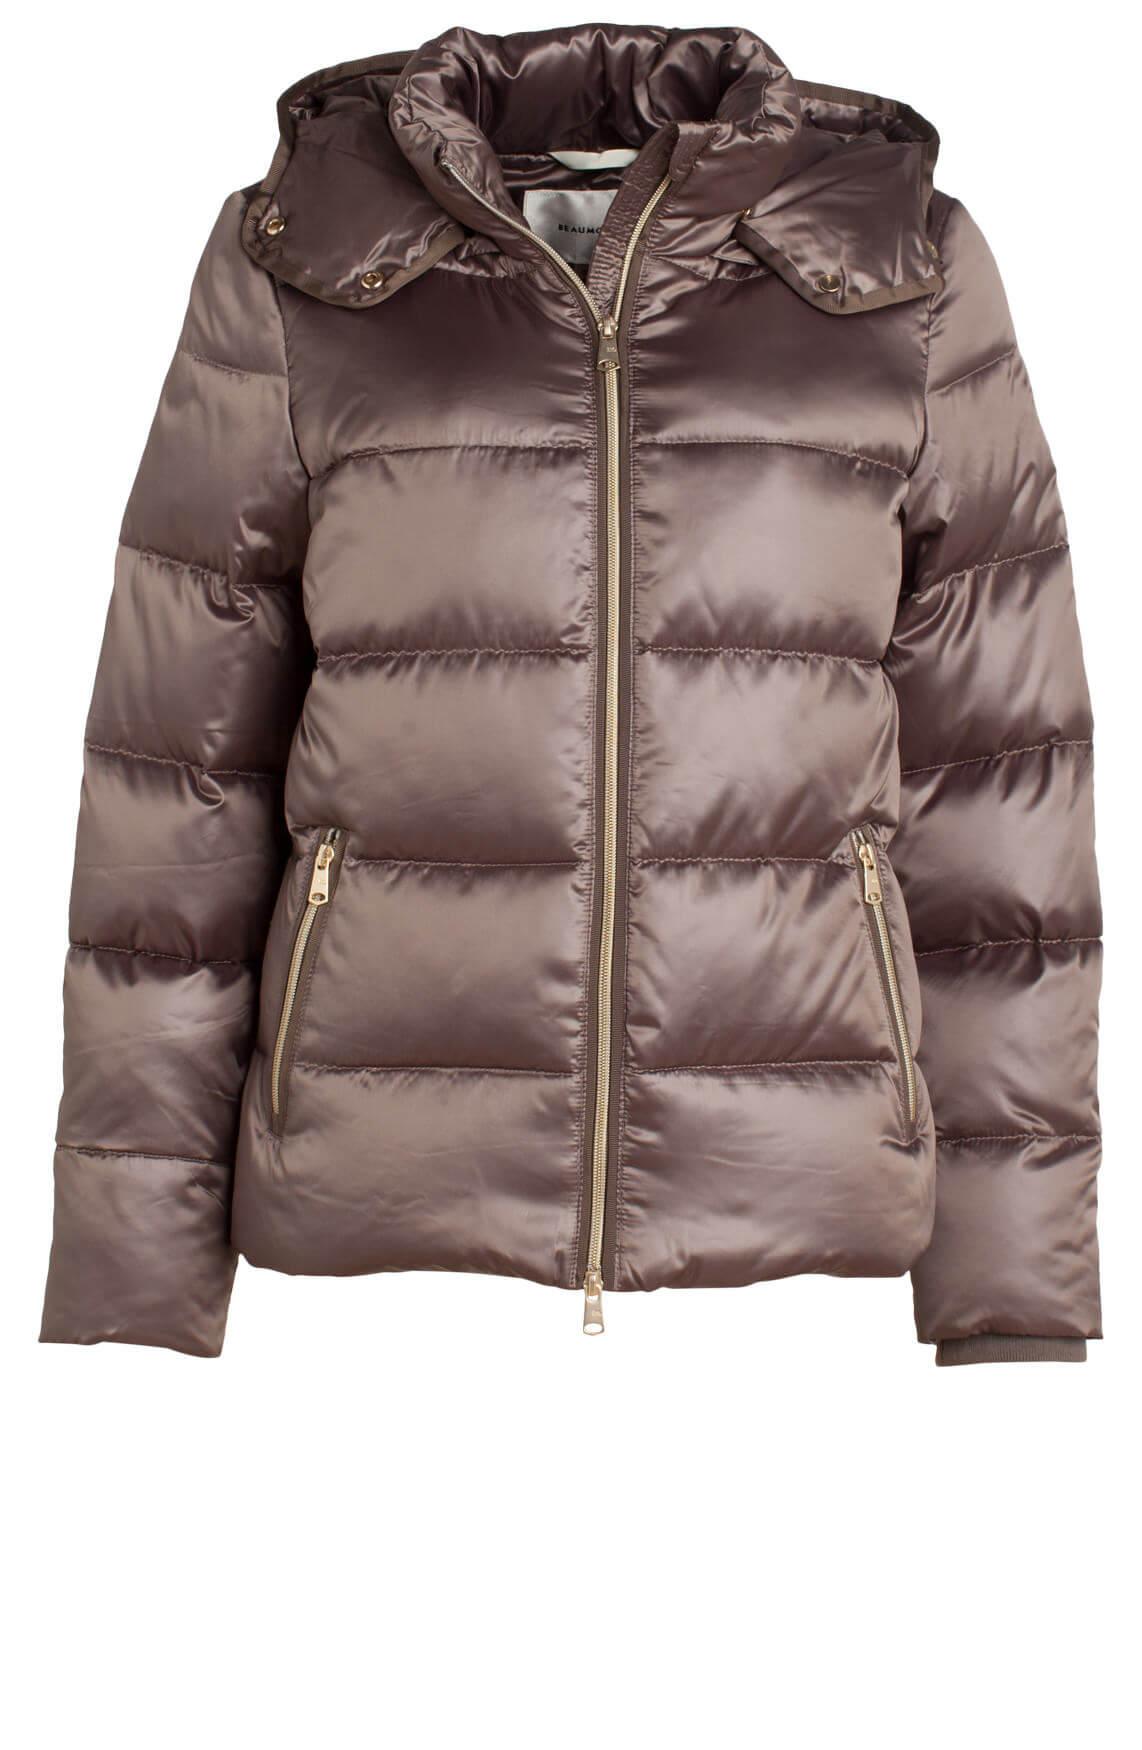 Beaumont Dames Gewatteerde jas met capuchon Bruin